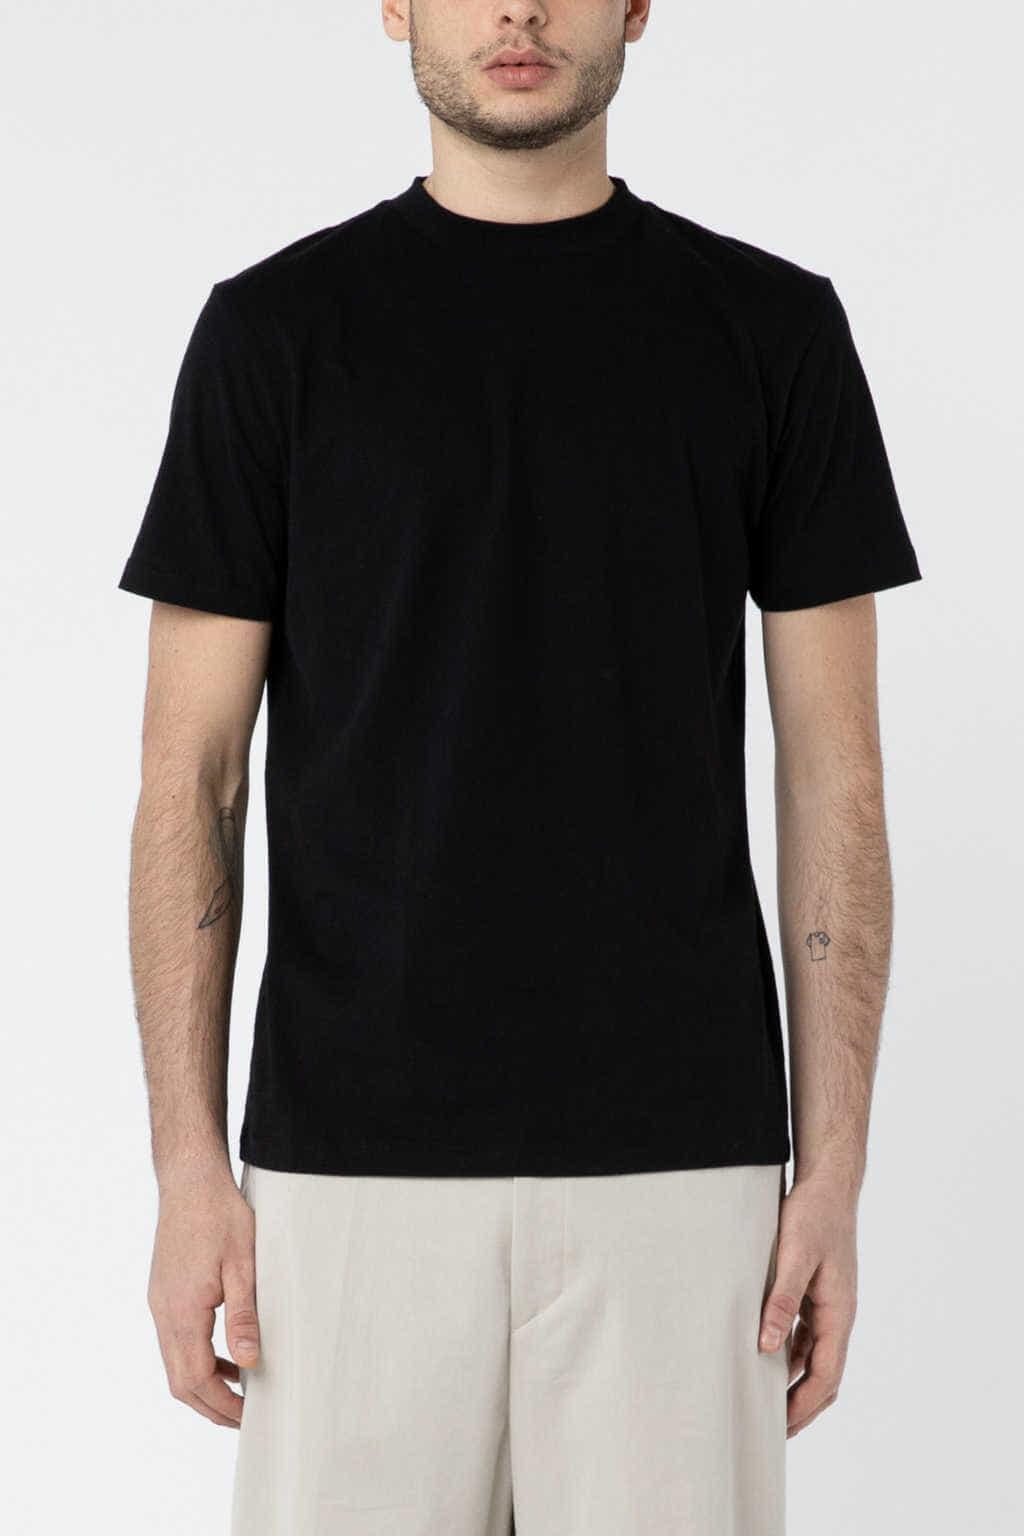 TShirt 2842 Black 10